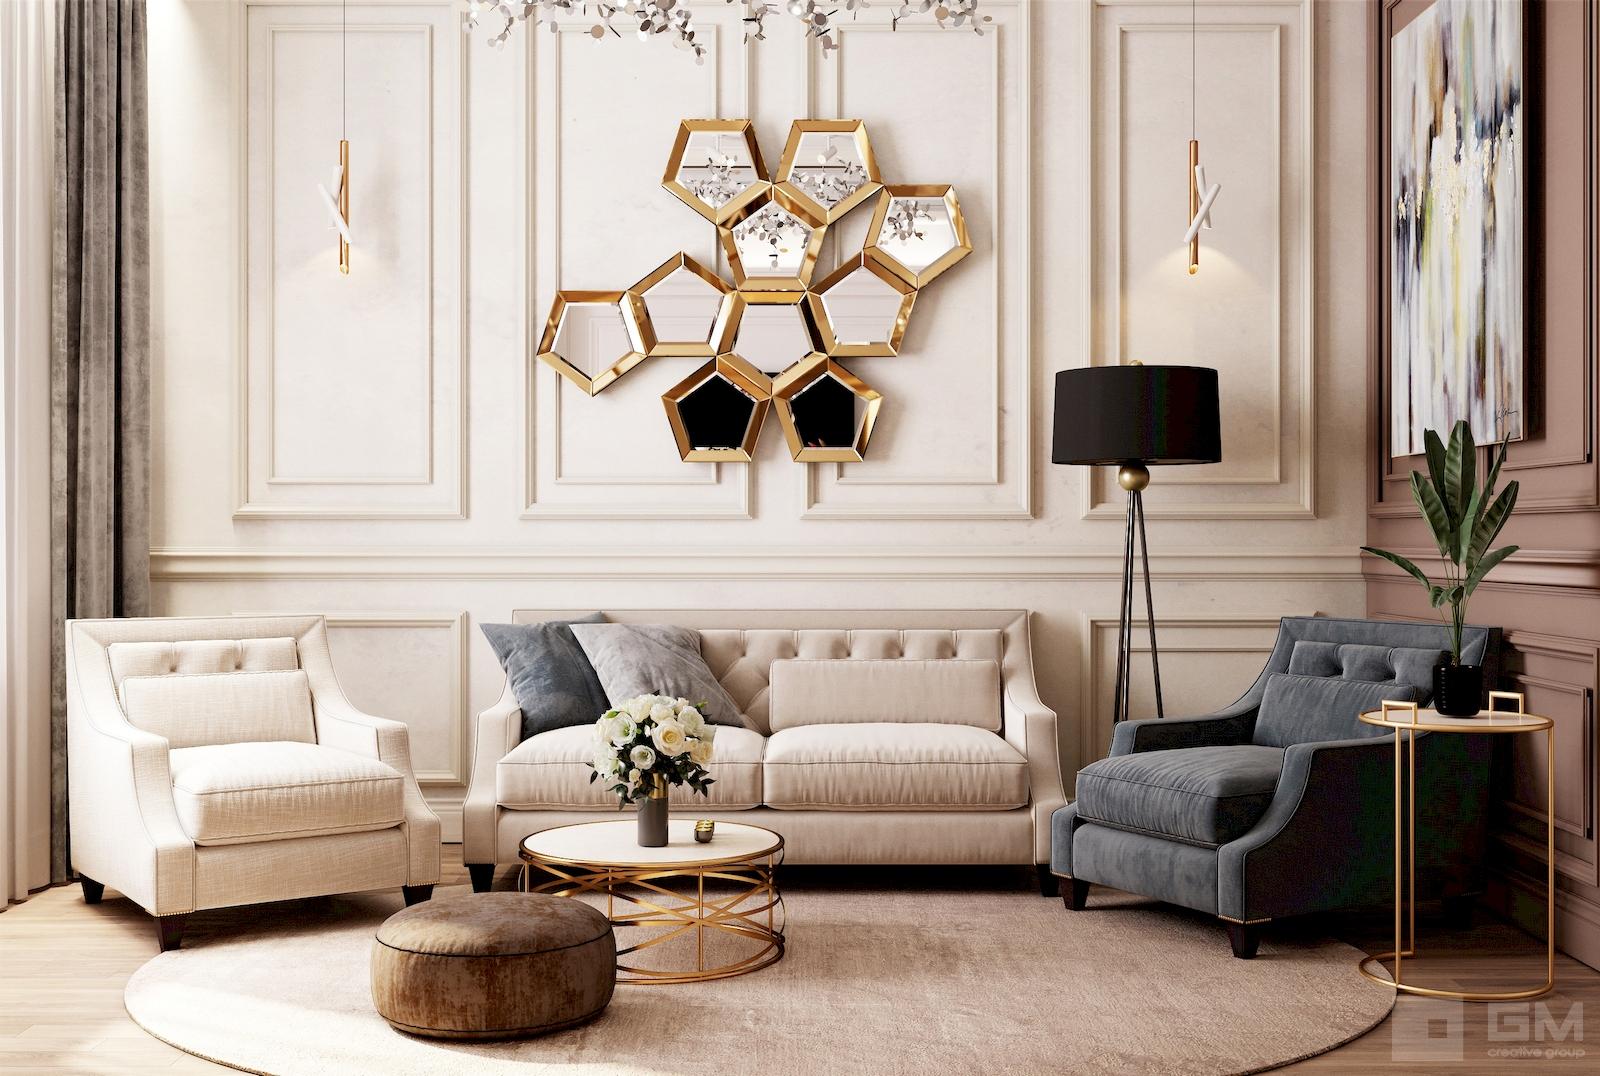 Дизайн квартиры в современной стилизации ар-деко от студии дизайна GM-INTERIOR